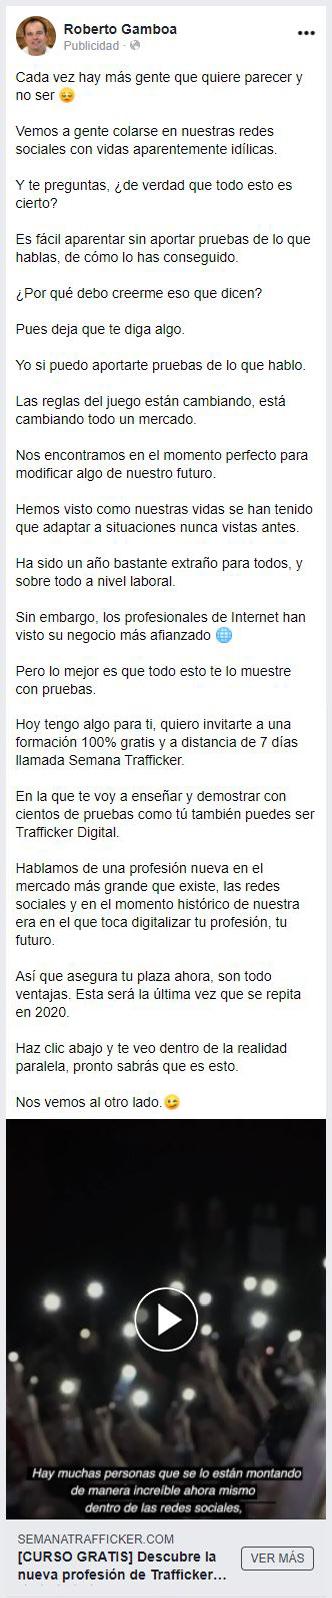 Anuncio Roberto Gamboa en para el post de retargeting en Facebook Ads